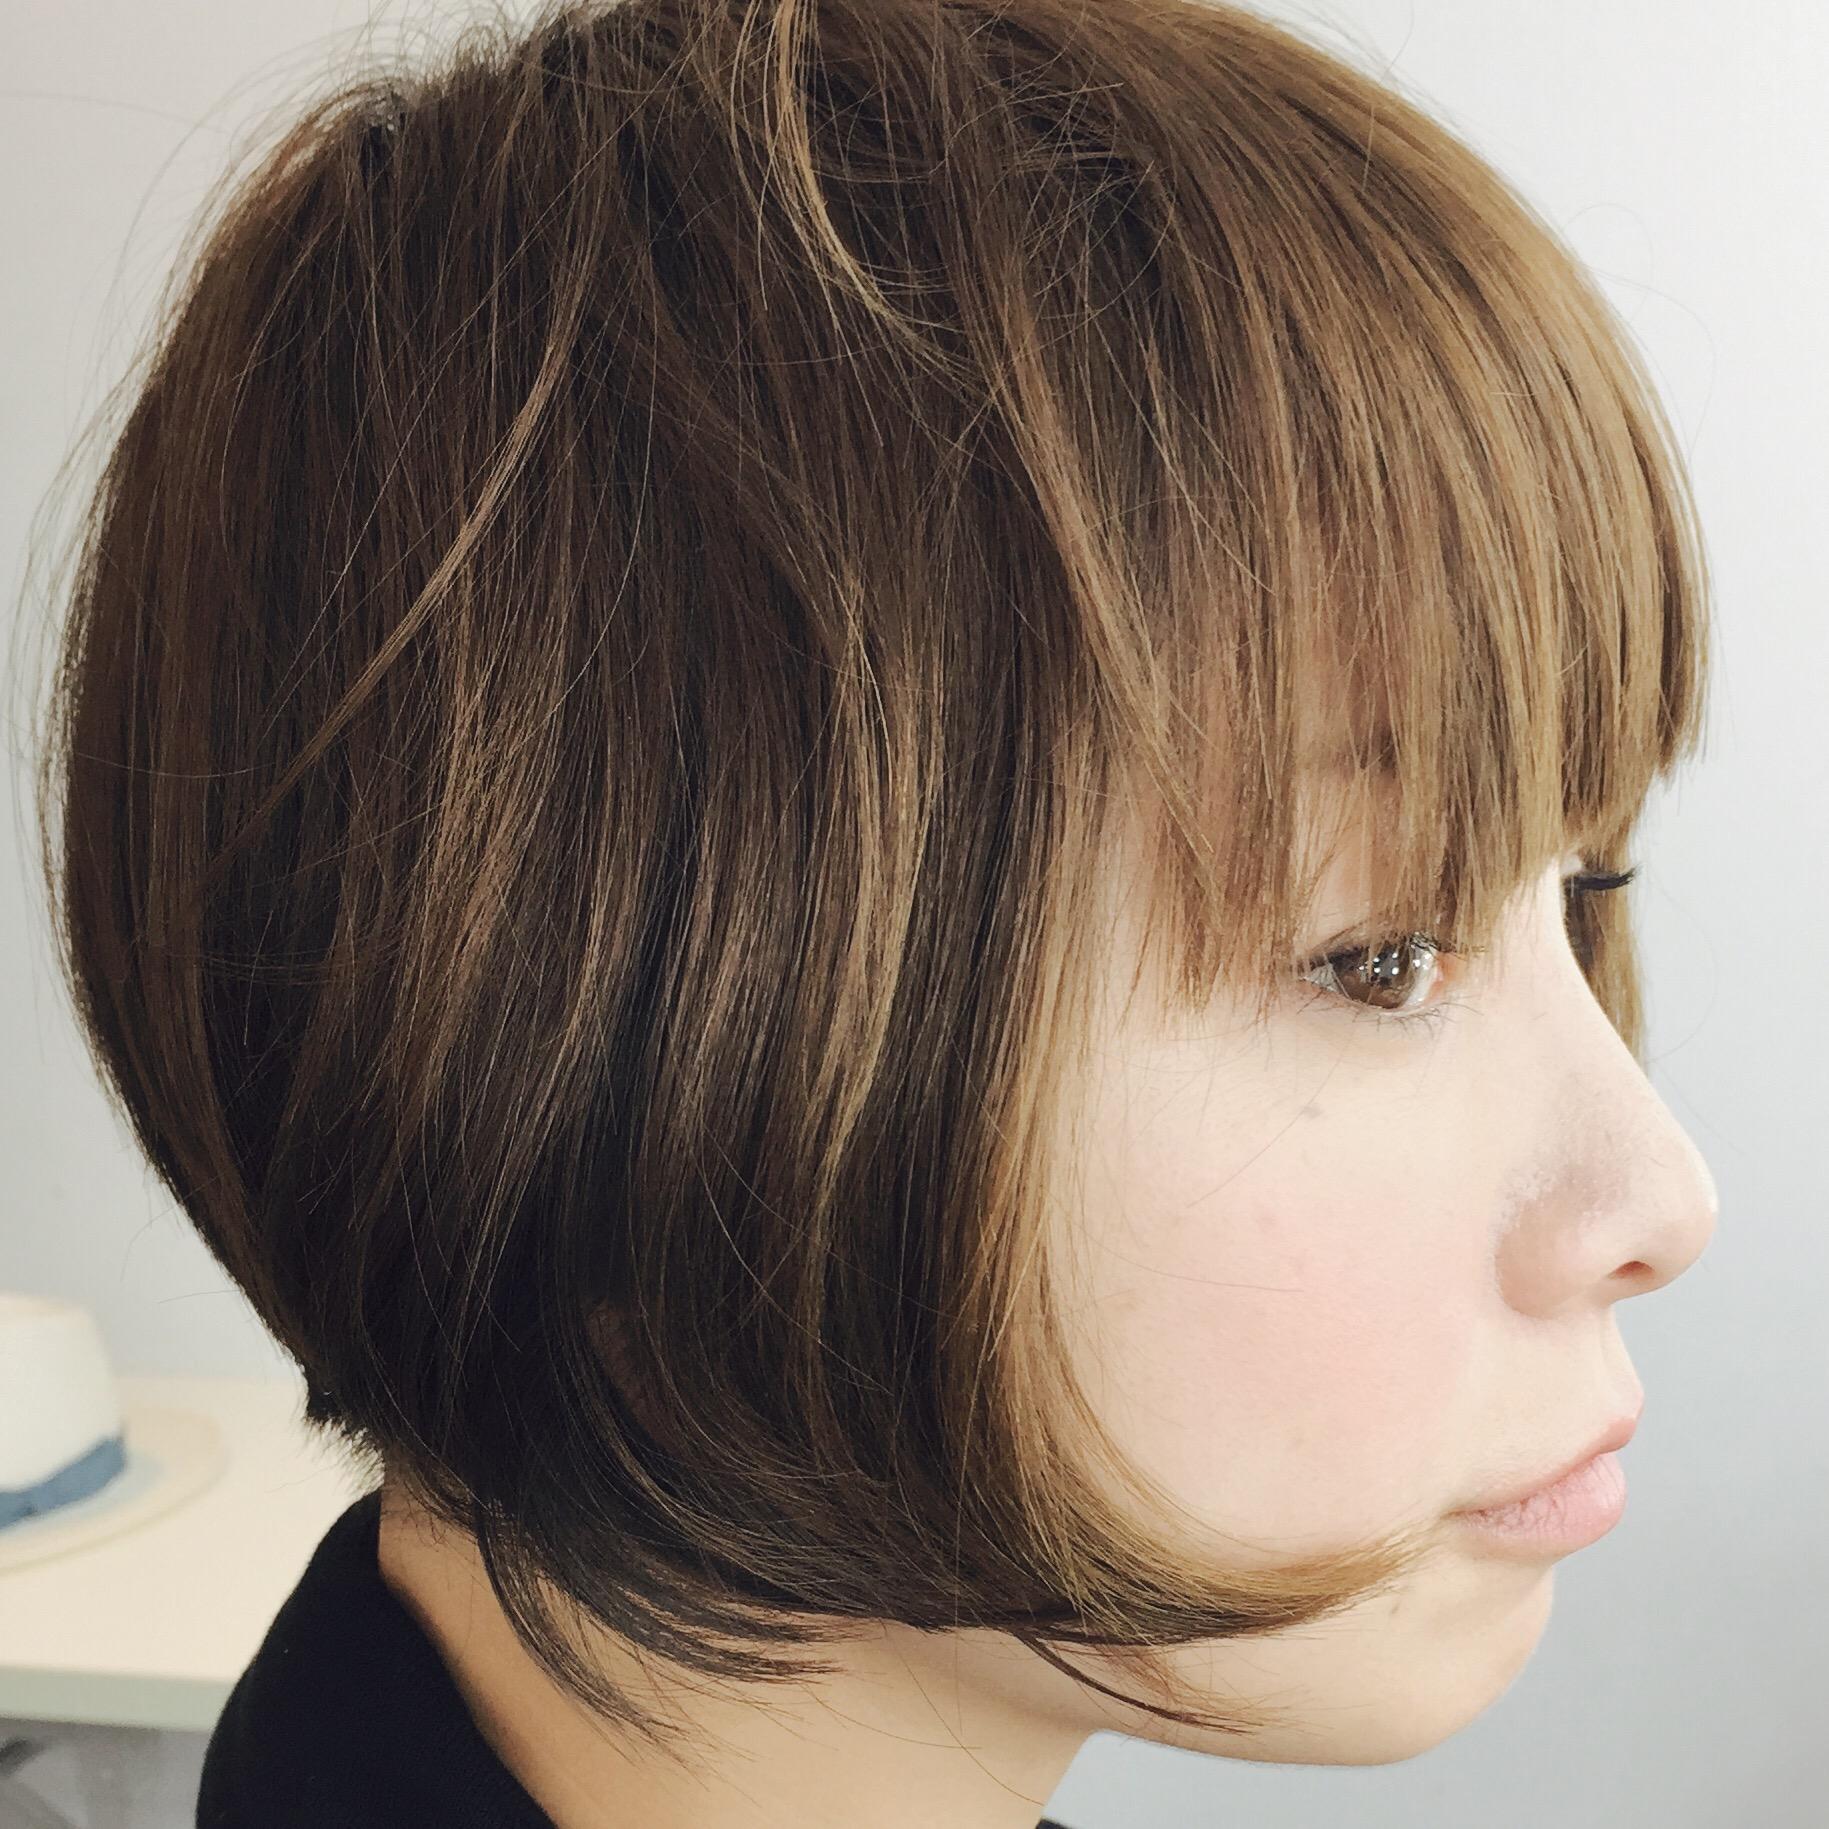 前髪重めでサイドが長いショートヘアの横顔の田中美保